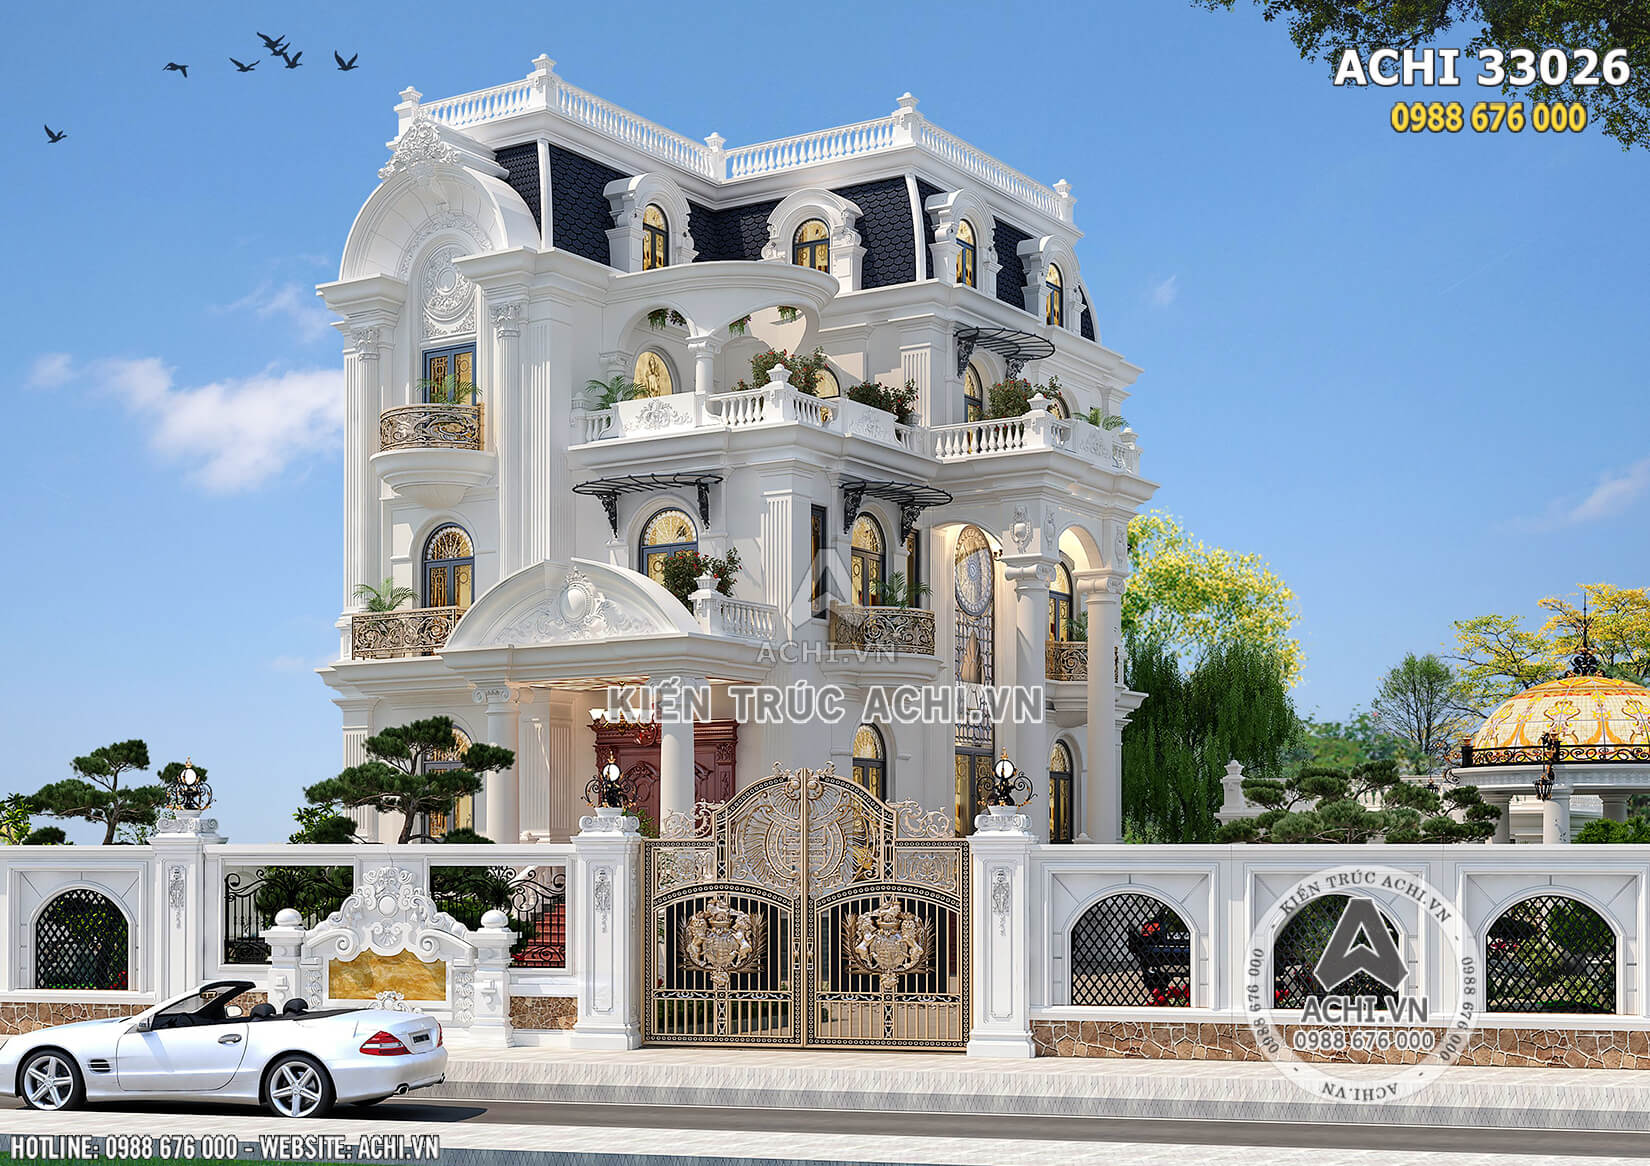 Thiết kế mẫu nhà 4 tầng tân cổ điển đẹp mặt tiền 9m - ACHI 33026